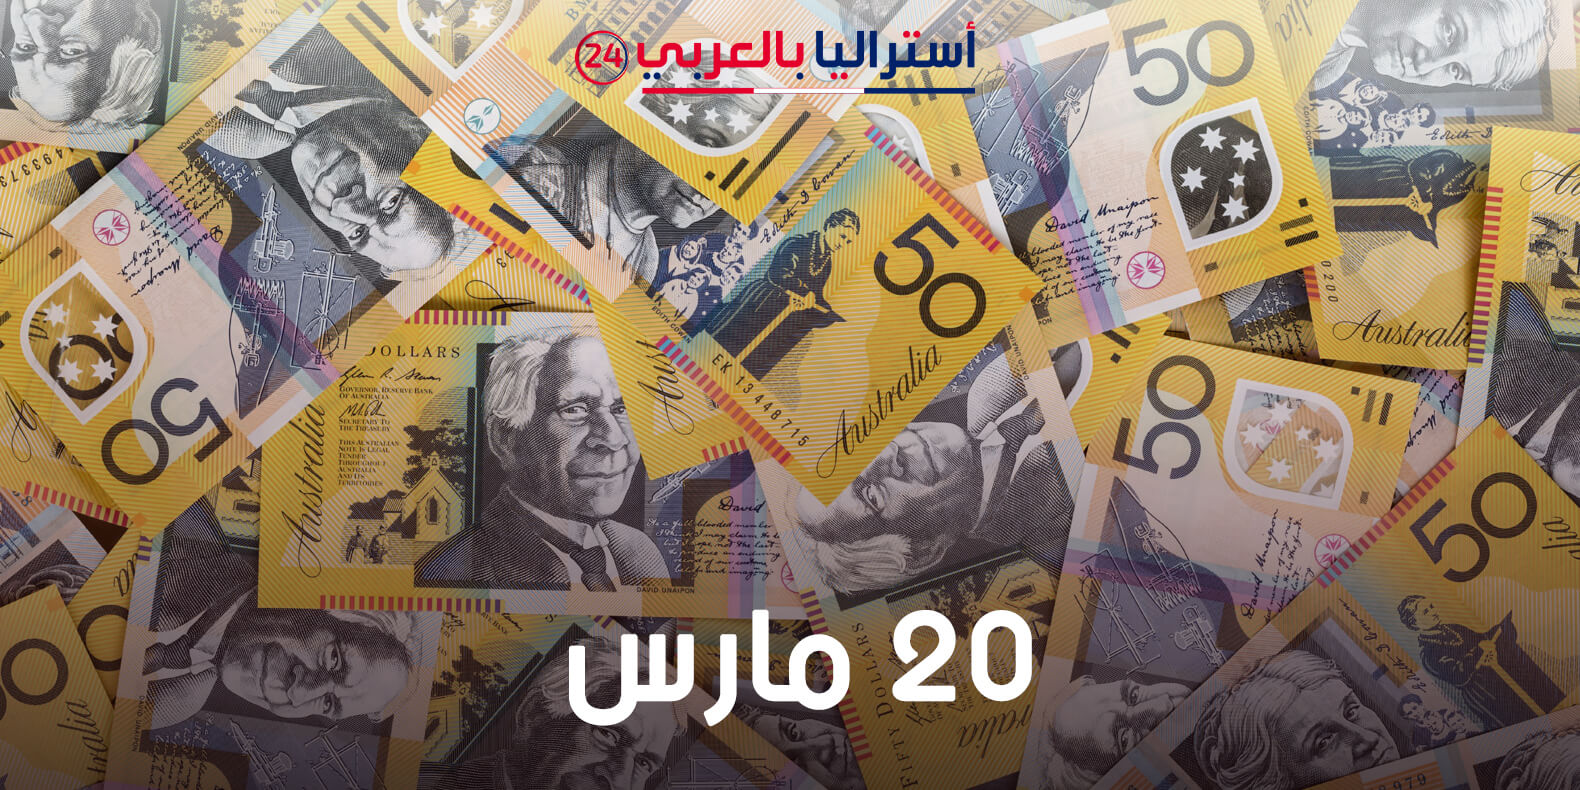 سعر الدولار الاسترالي مقابل العملات العربية والعالمية اليوم 20 مارس